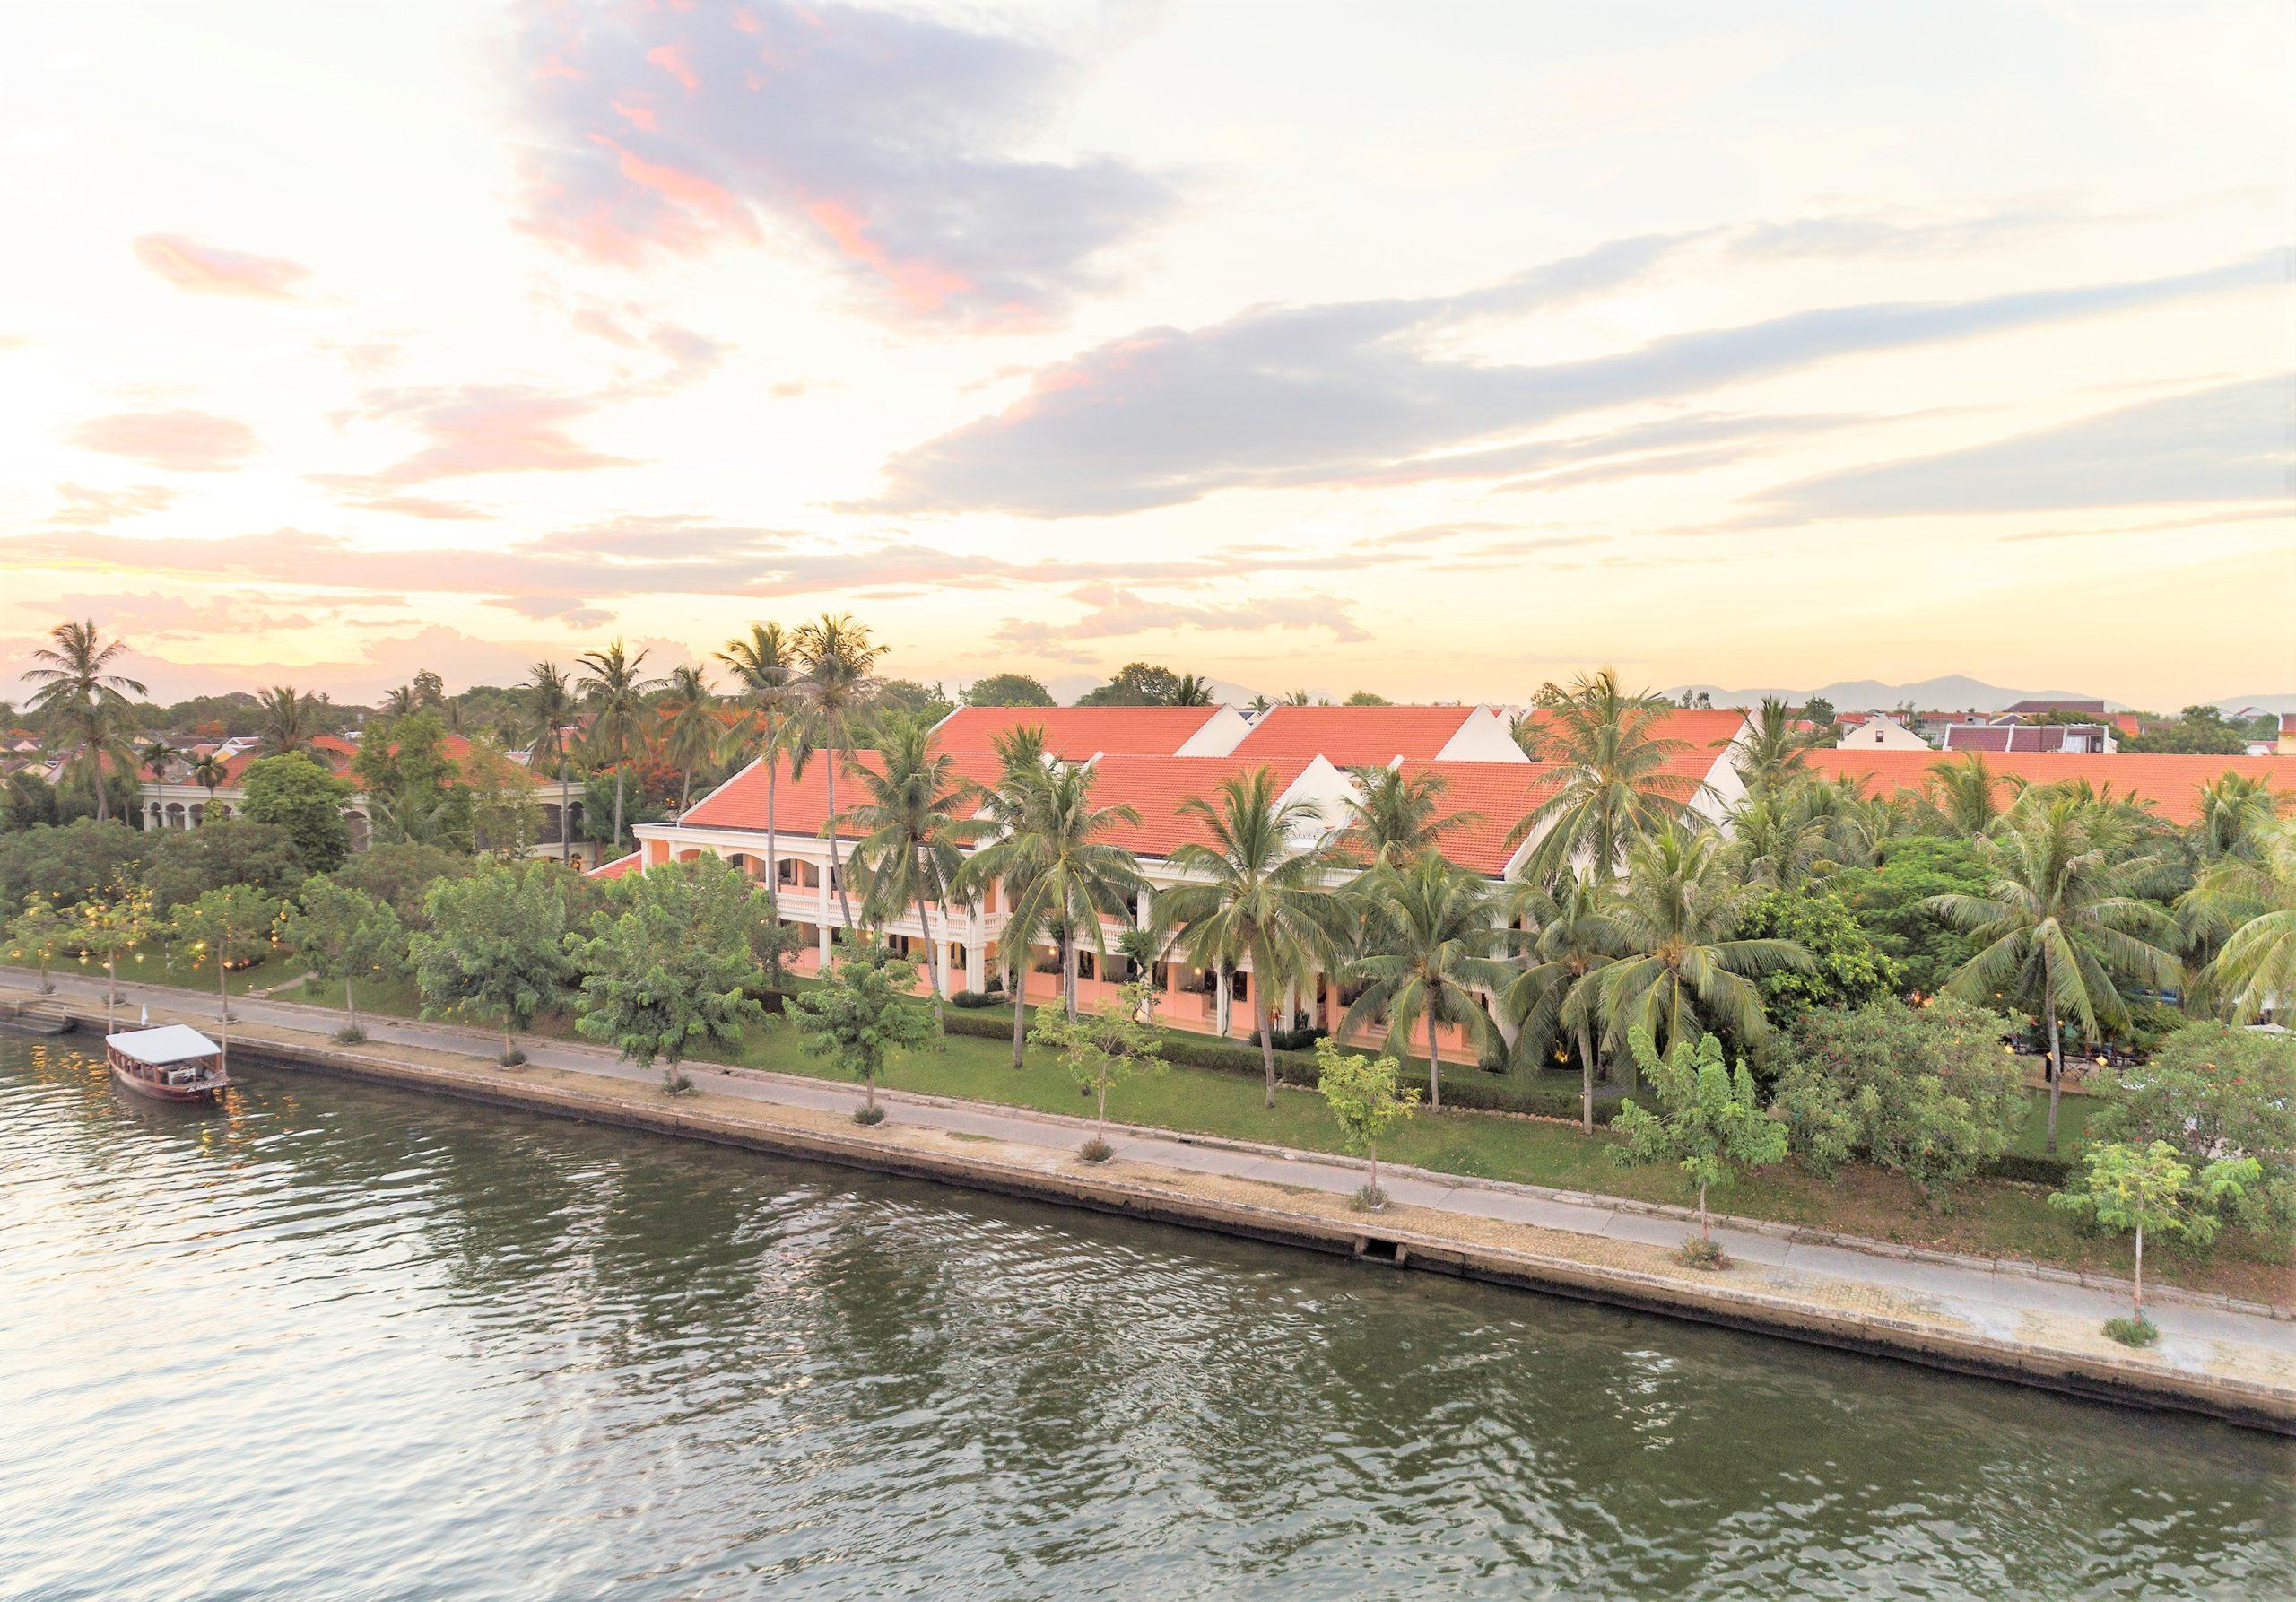 ベトナム・ウェディング アナンタラ・ホイ・アン・リゾート ベトナム挙式 ホイアン・ウェディング